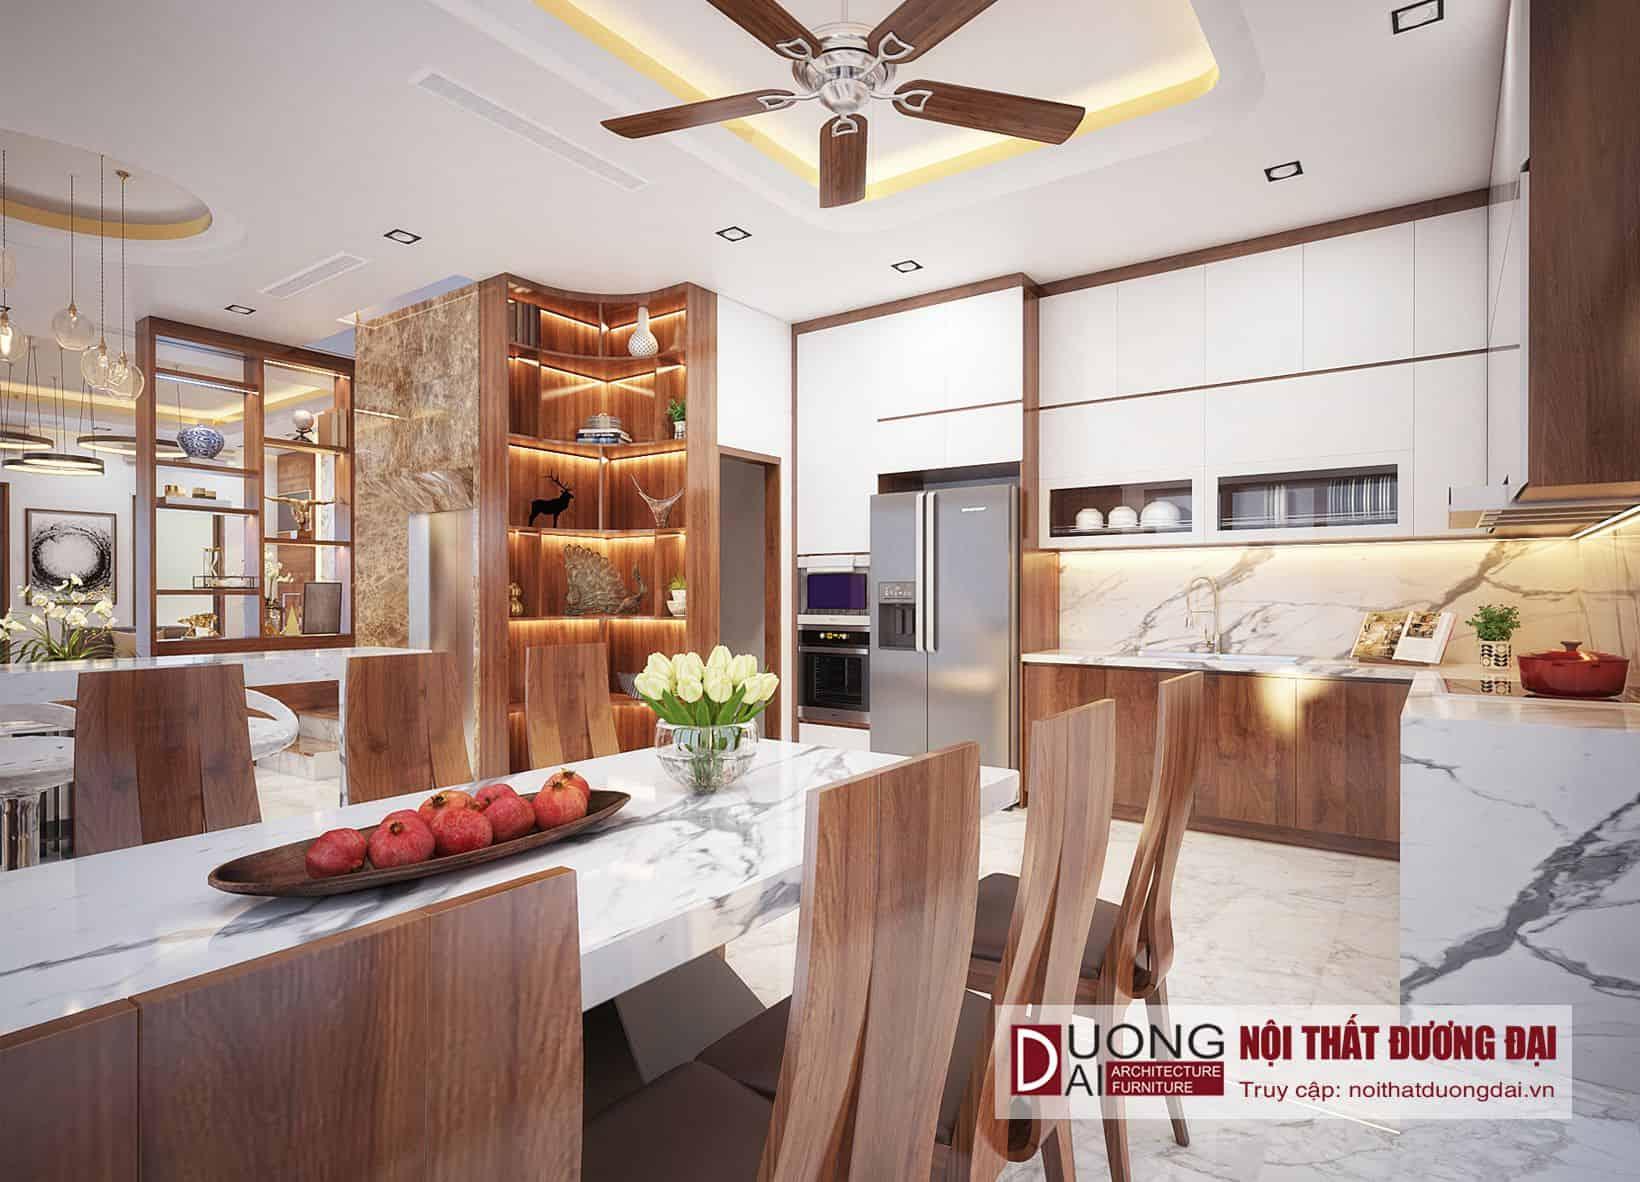 Thiết kế và thi công nội thất tại anh Tuấn Sơn La